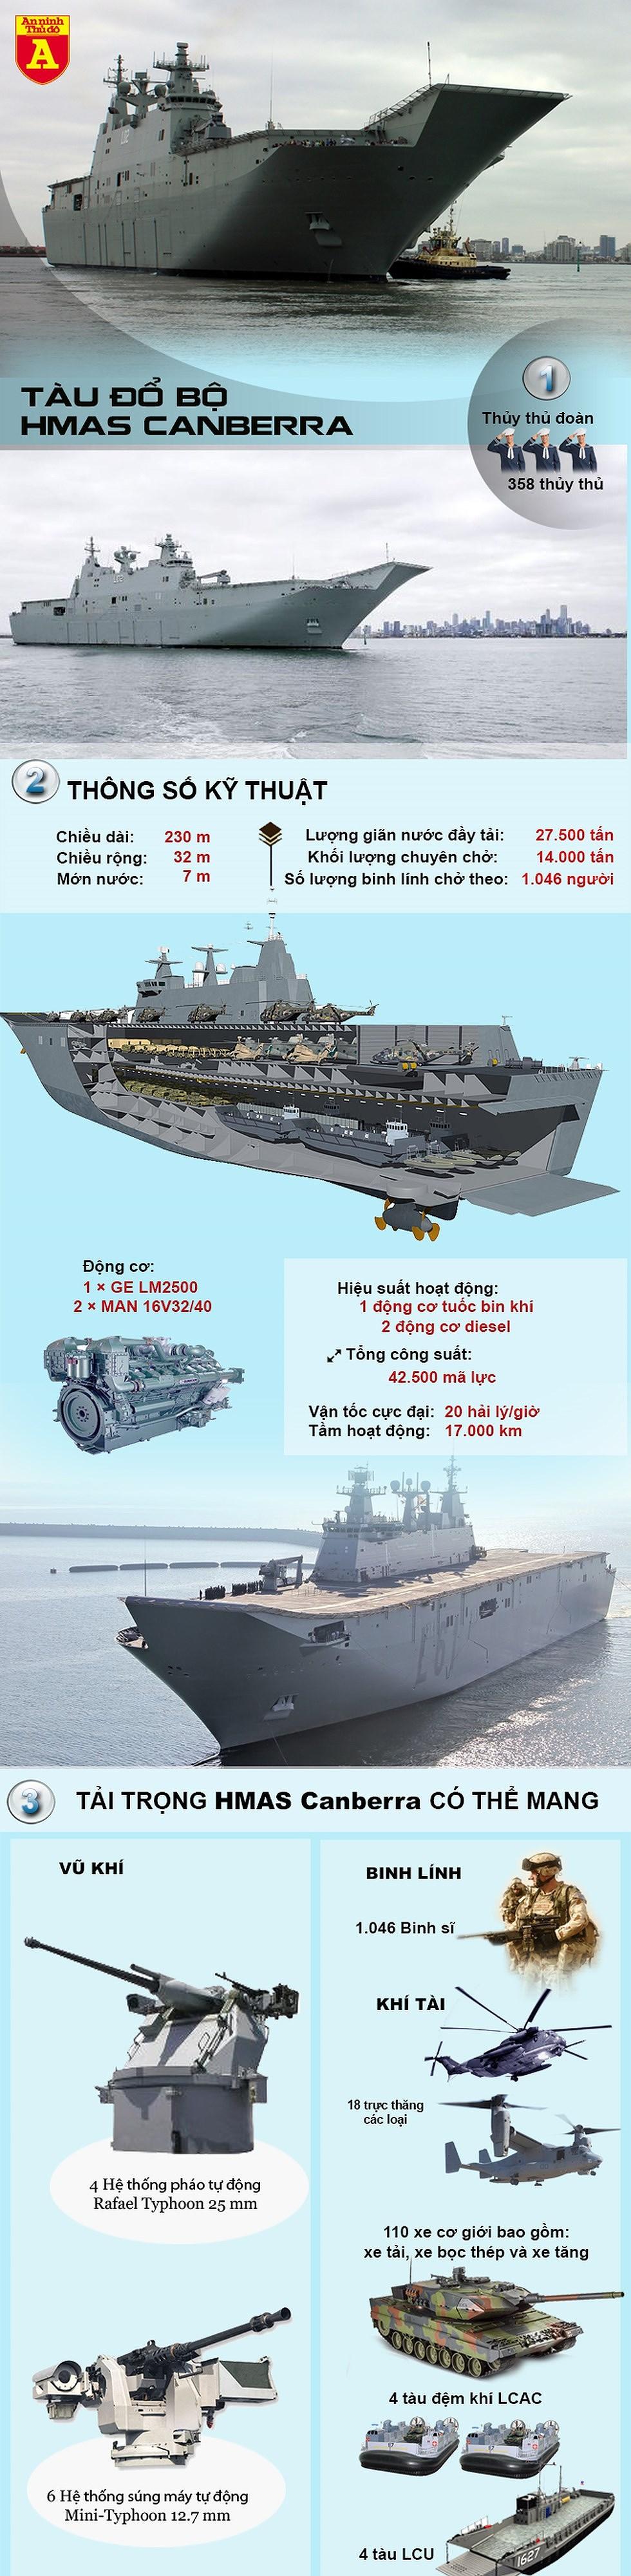 [Infographics] Siêu tàu đổ bộ của Úc, yếu tố gây bất ngờ cho Trung Quốc - Ảnh 1